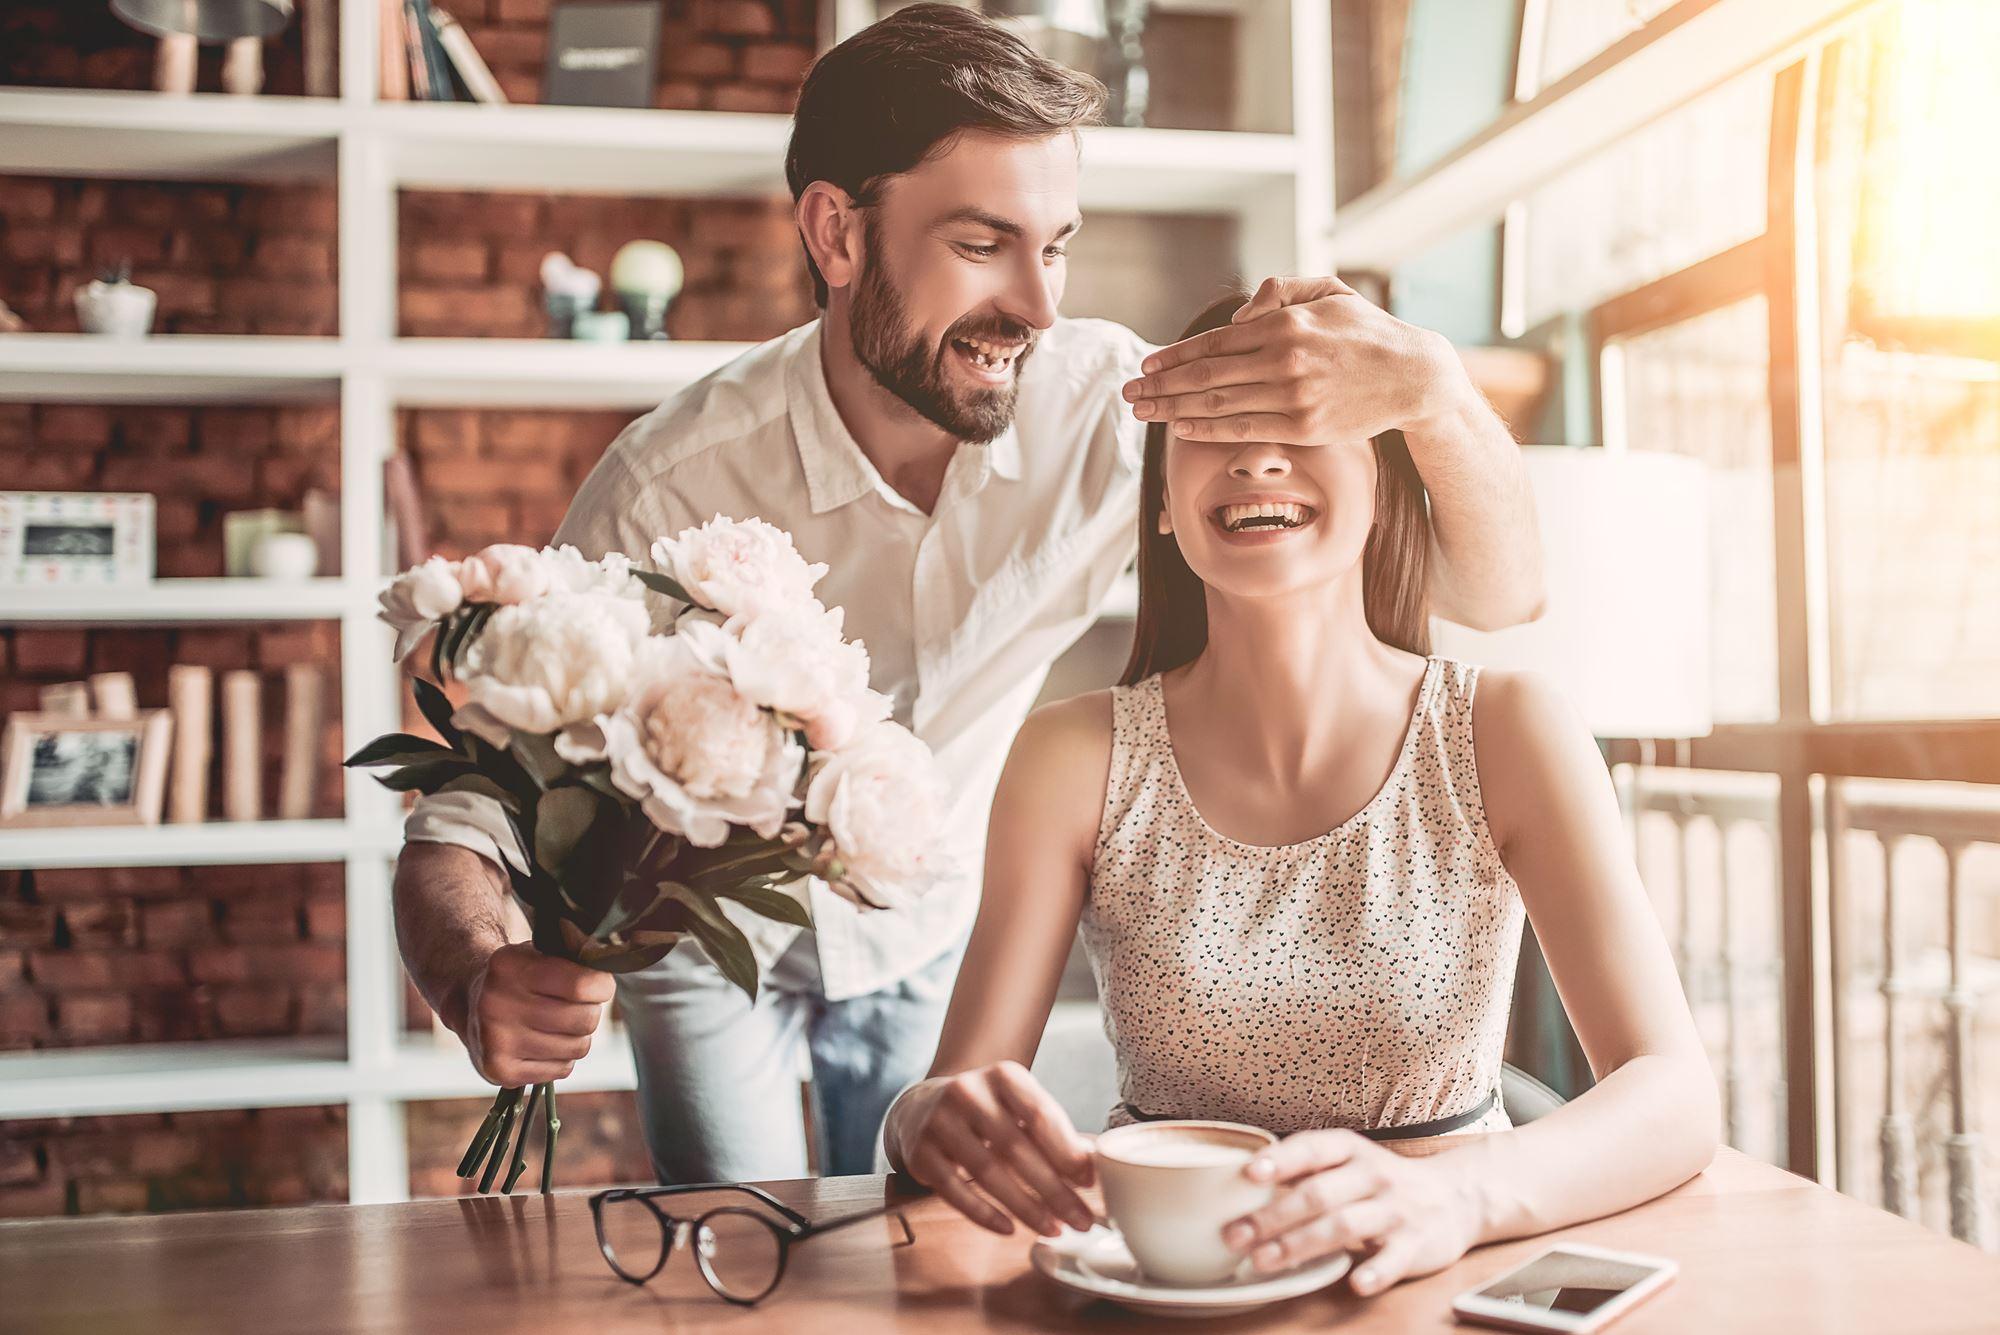 Annonce BDSM : deux êtres humains en pleine romance ?